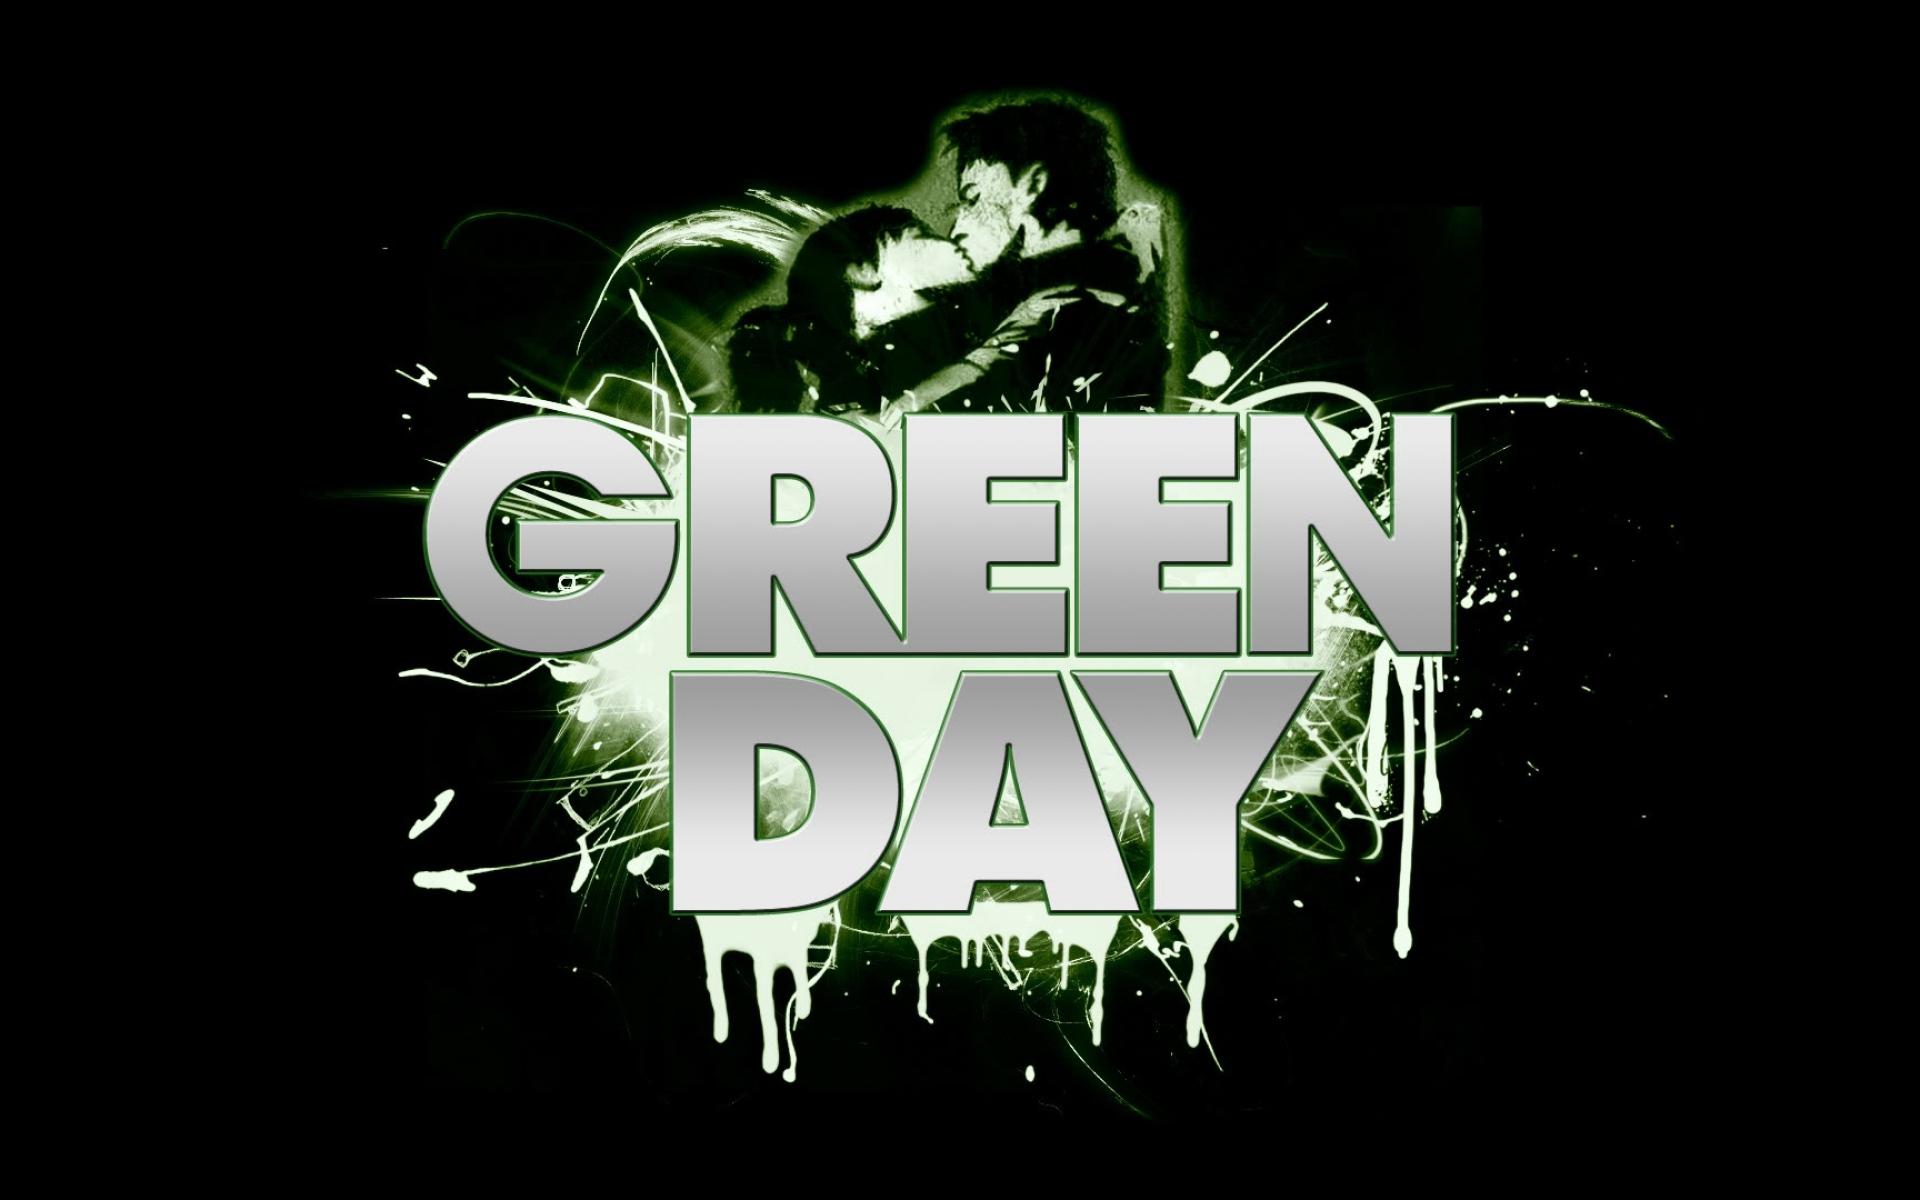 Картинки Зеленый день, буквы, темнота, знак, поцелуй фото и обои на рабочий стол